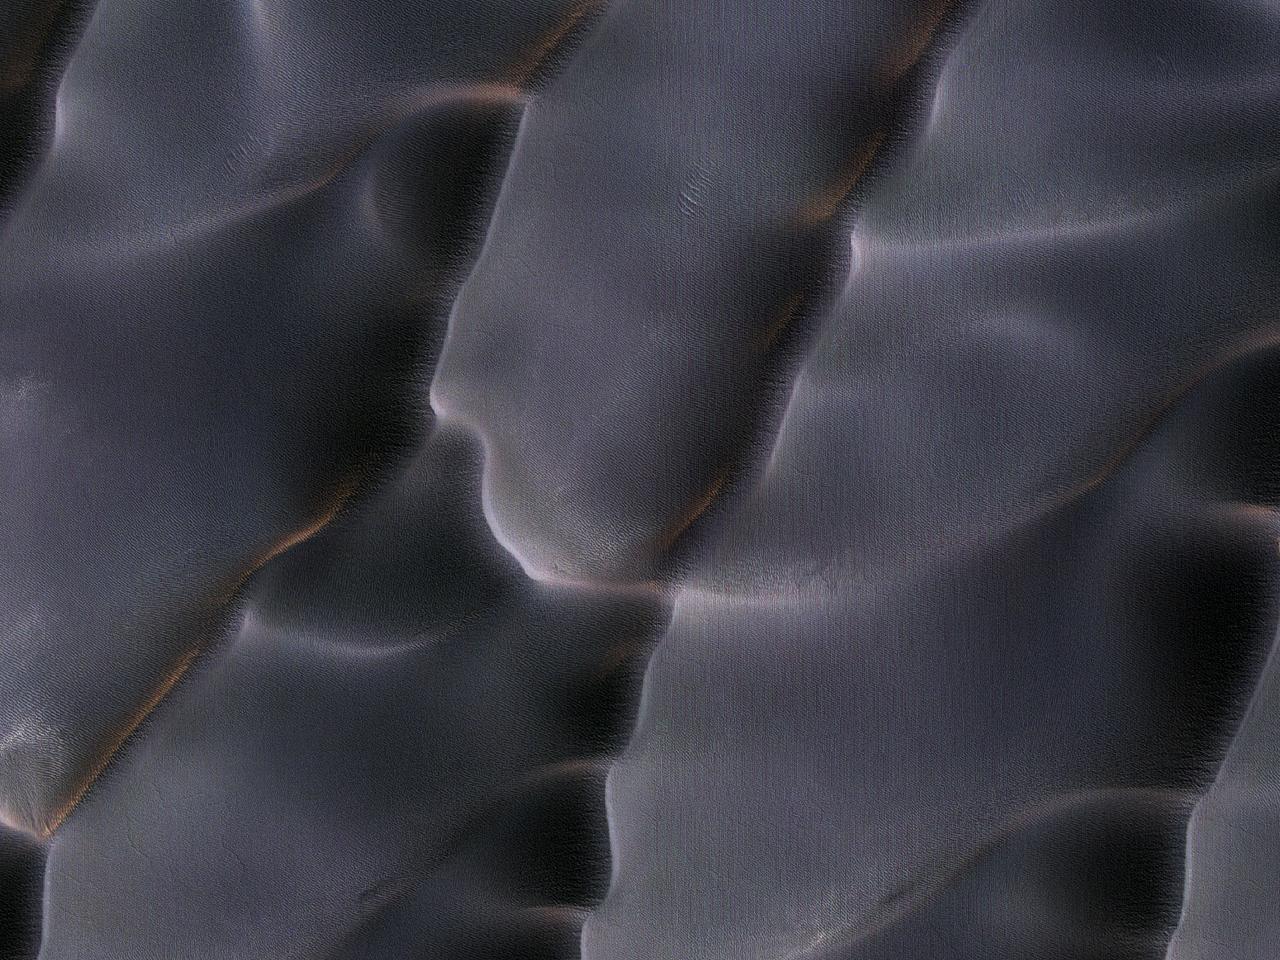 Dyner medvifteformede sedimenter